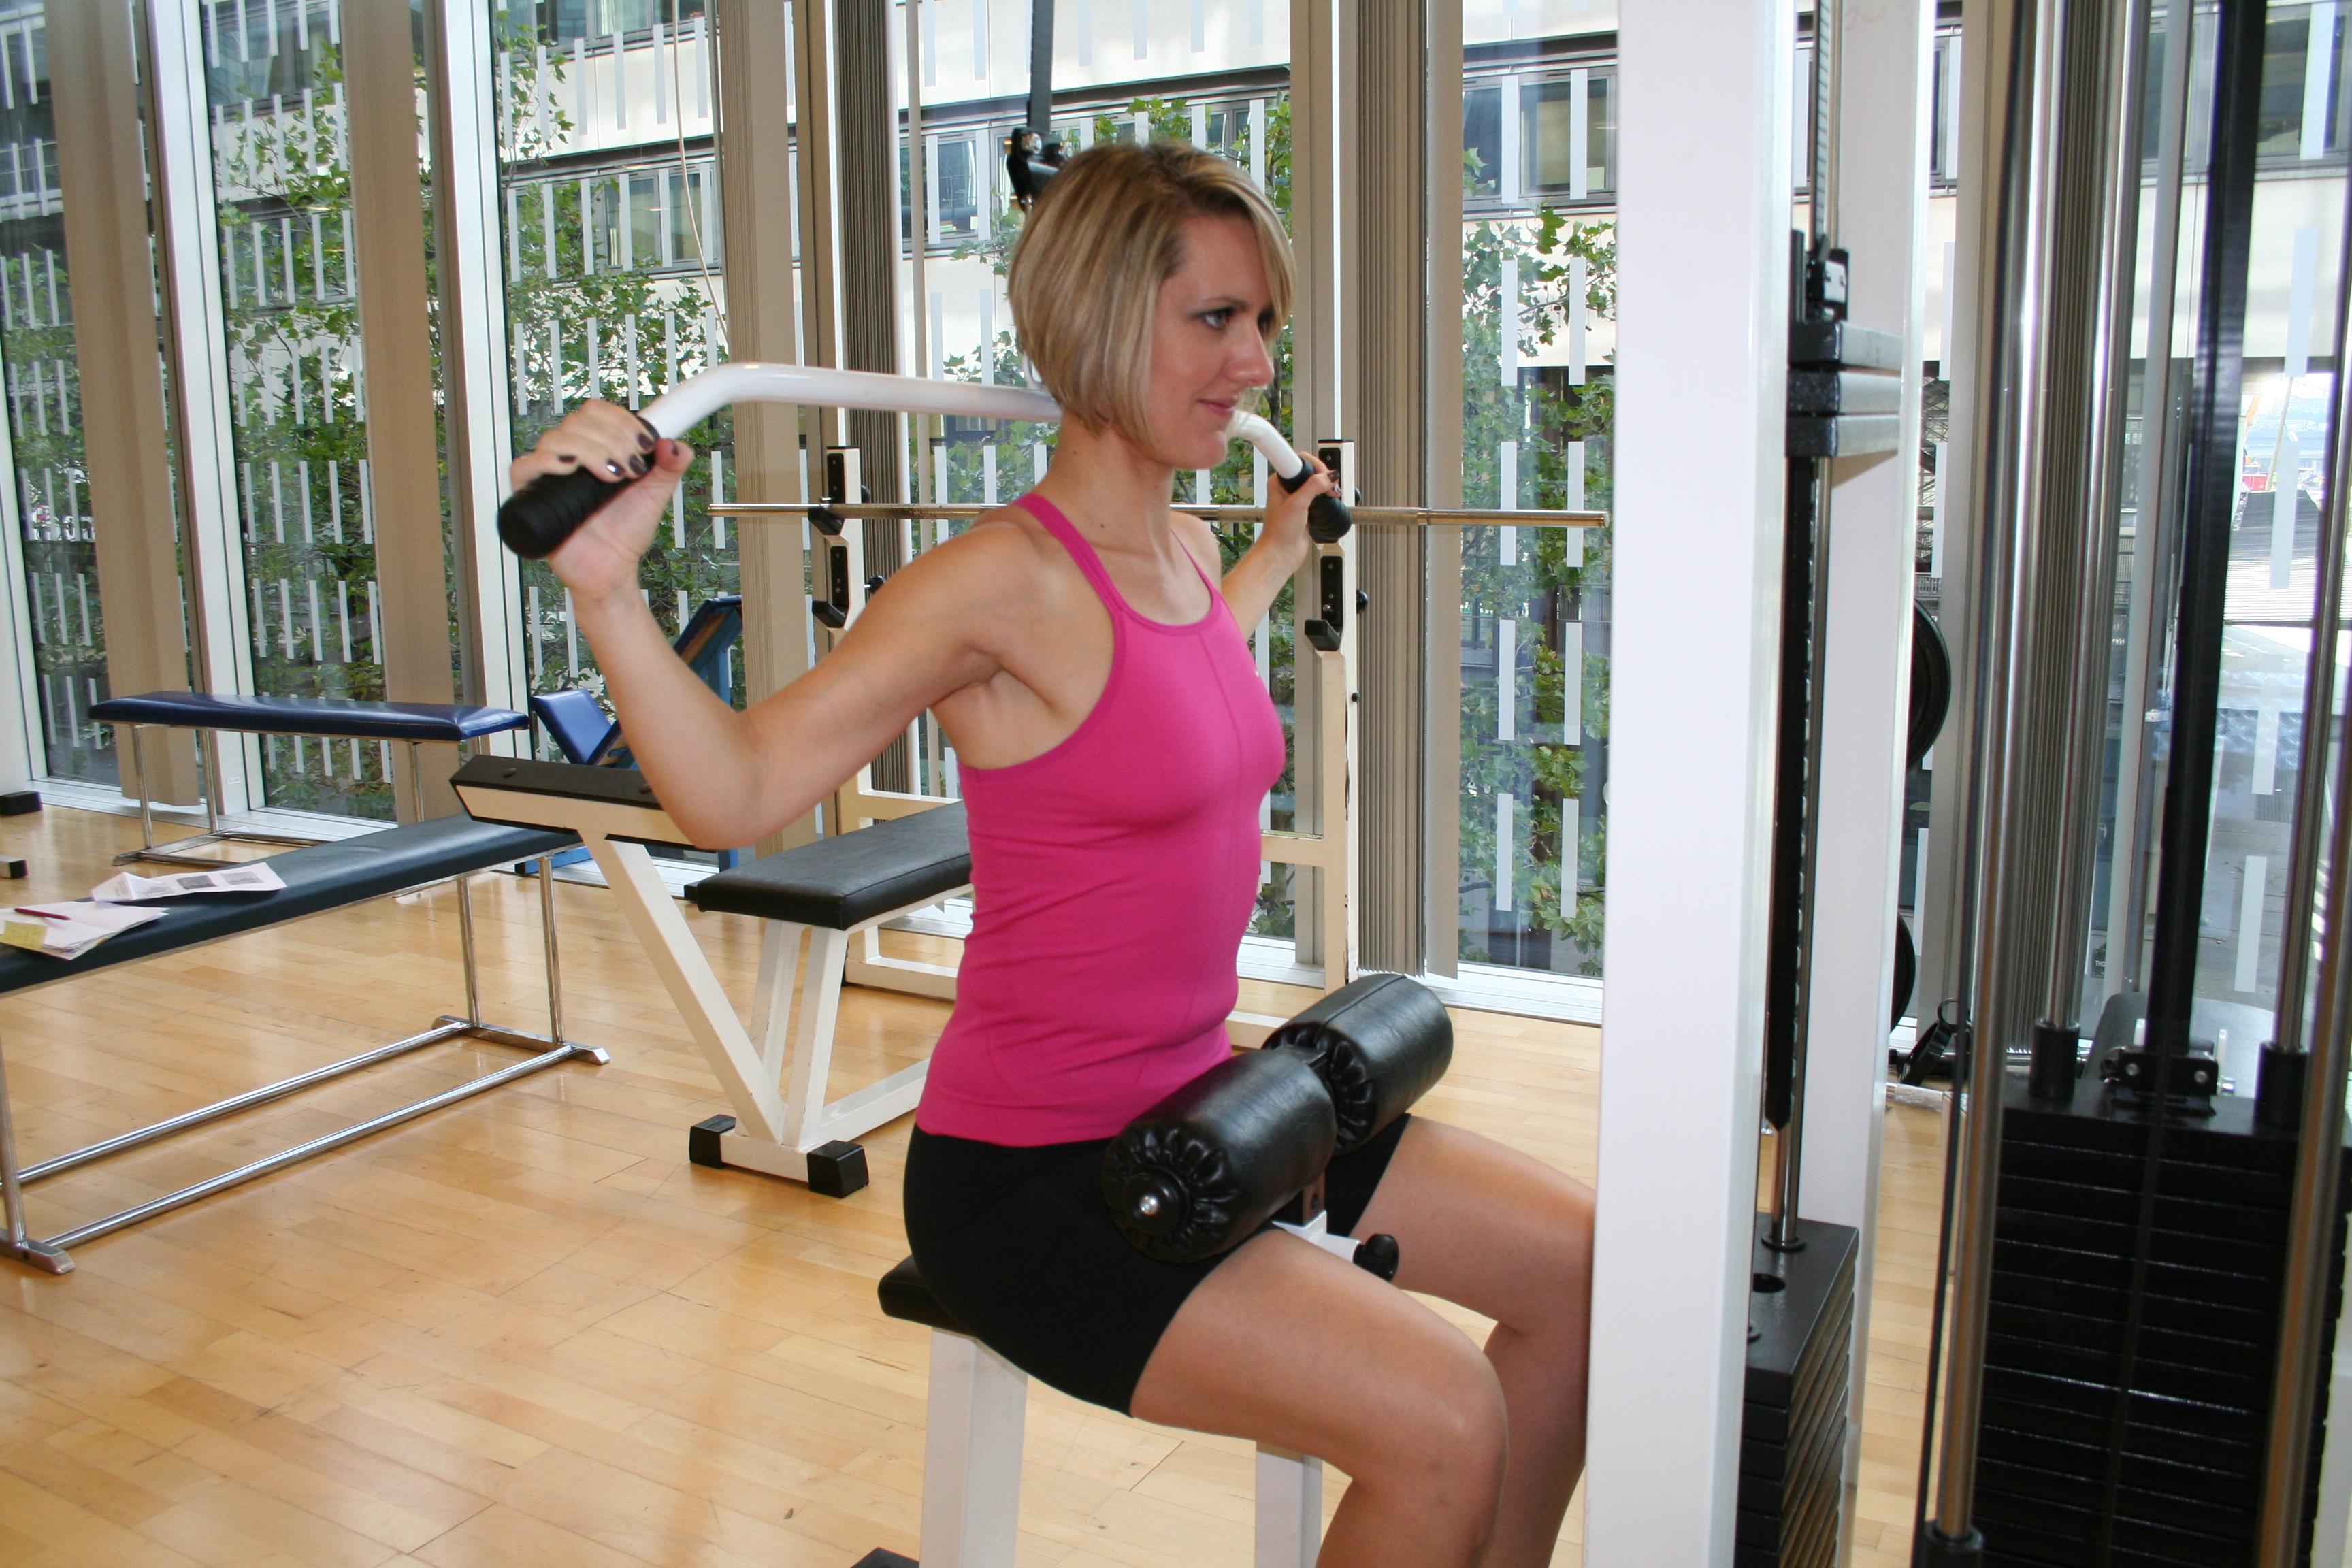 faire de la musculation pour maigrir - Are You Prepared For A Good Thing?